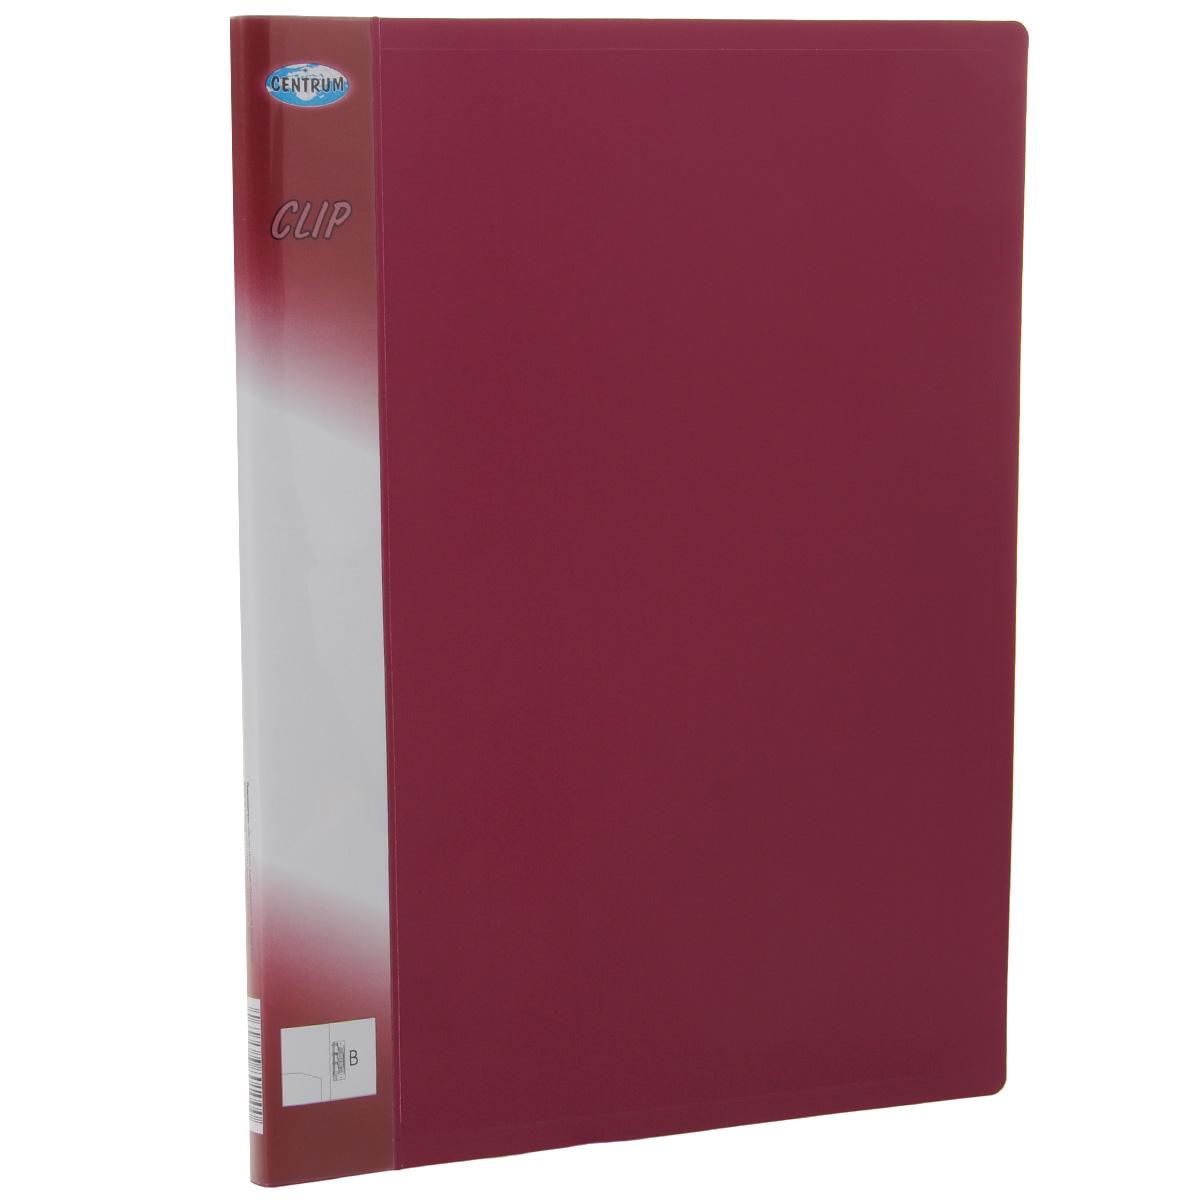 Папка Centrum с боковым зажимом, цвет: вишневый. Формат А4, клип BAC-1121RDПапка с боковым зажимом Centrum - это удобный и практичный офисный инструмент, предназначенный для хранения и транспортировки рабочих бумаг и документов формата А4. Папка изготовлена из непрозрачного плотного пластика и имеет прочный металлический зажим, который не повреждает бумагу. Папка Centrum - это незаменимый атрибут для студента, школьника, офисного работника. Такая папка надежно сохранит ваши документы и сбережет их от повреждений, пыли и влаги.